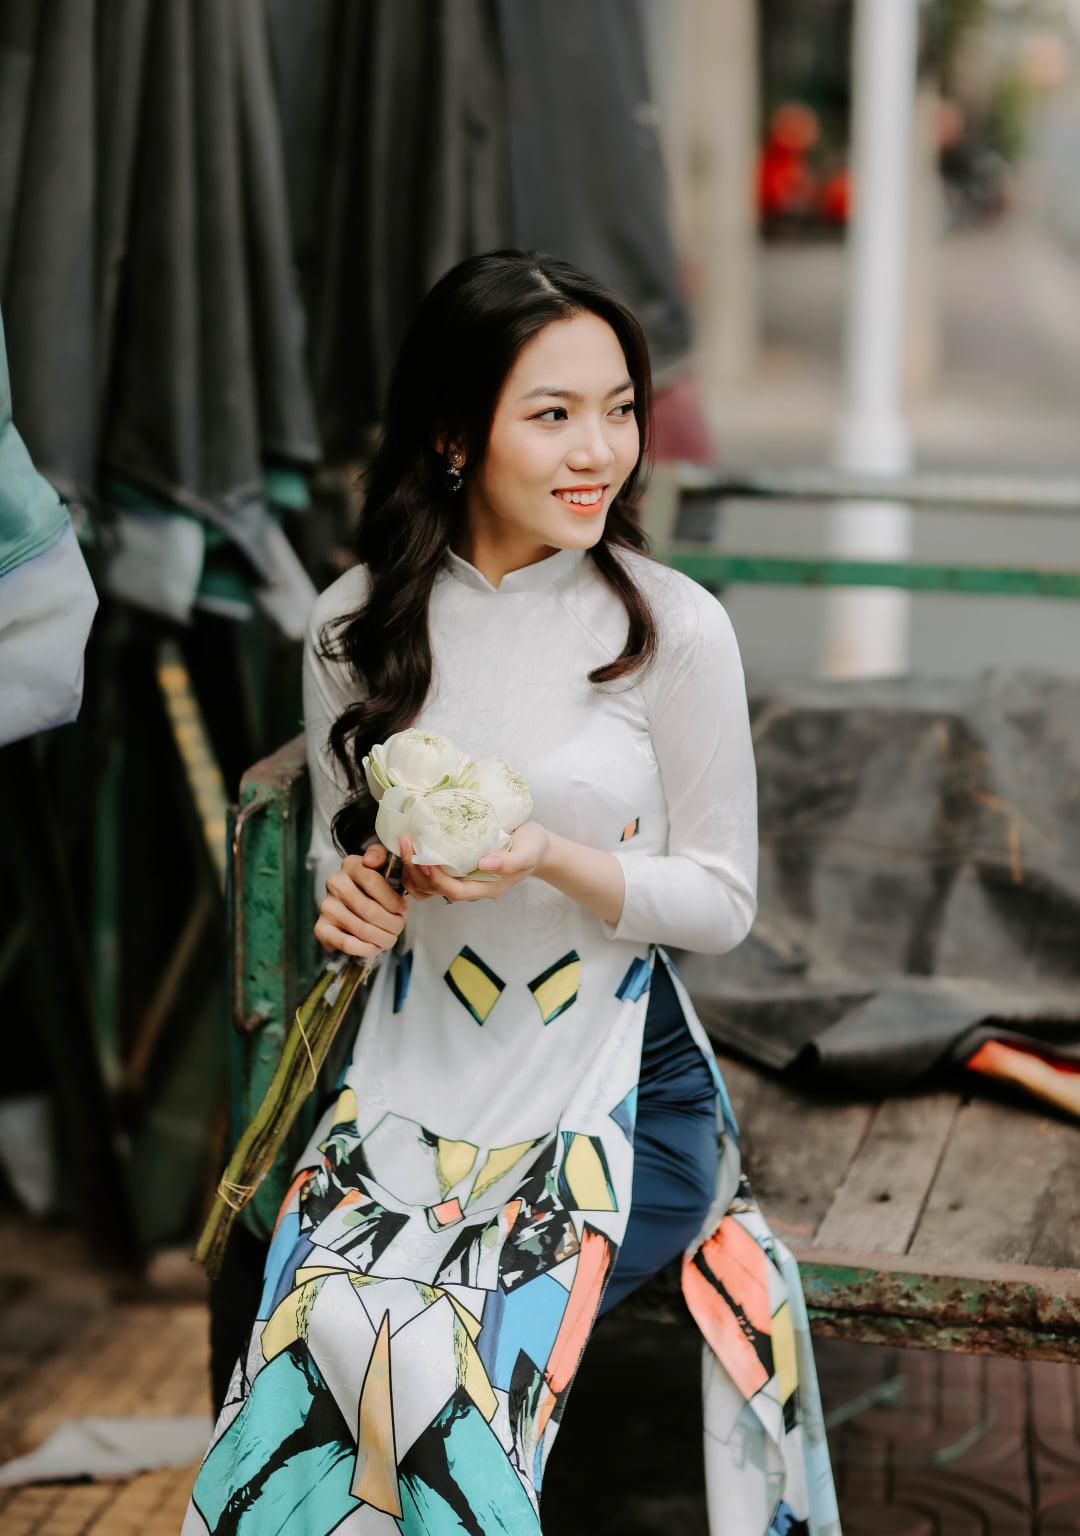 Top 7 tiệm trang điểm cô dâu đẹp nhất tại Đồng Tháp -  Duc Thanh Ho Make Up